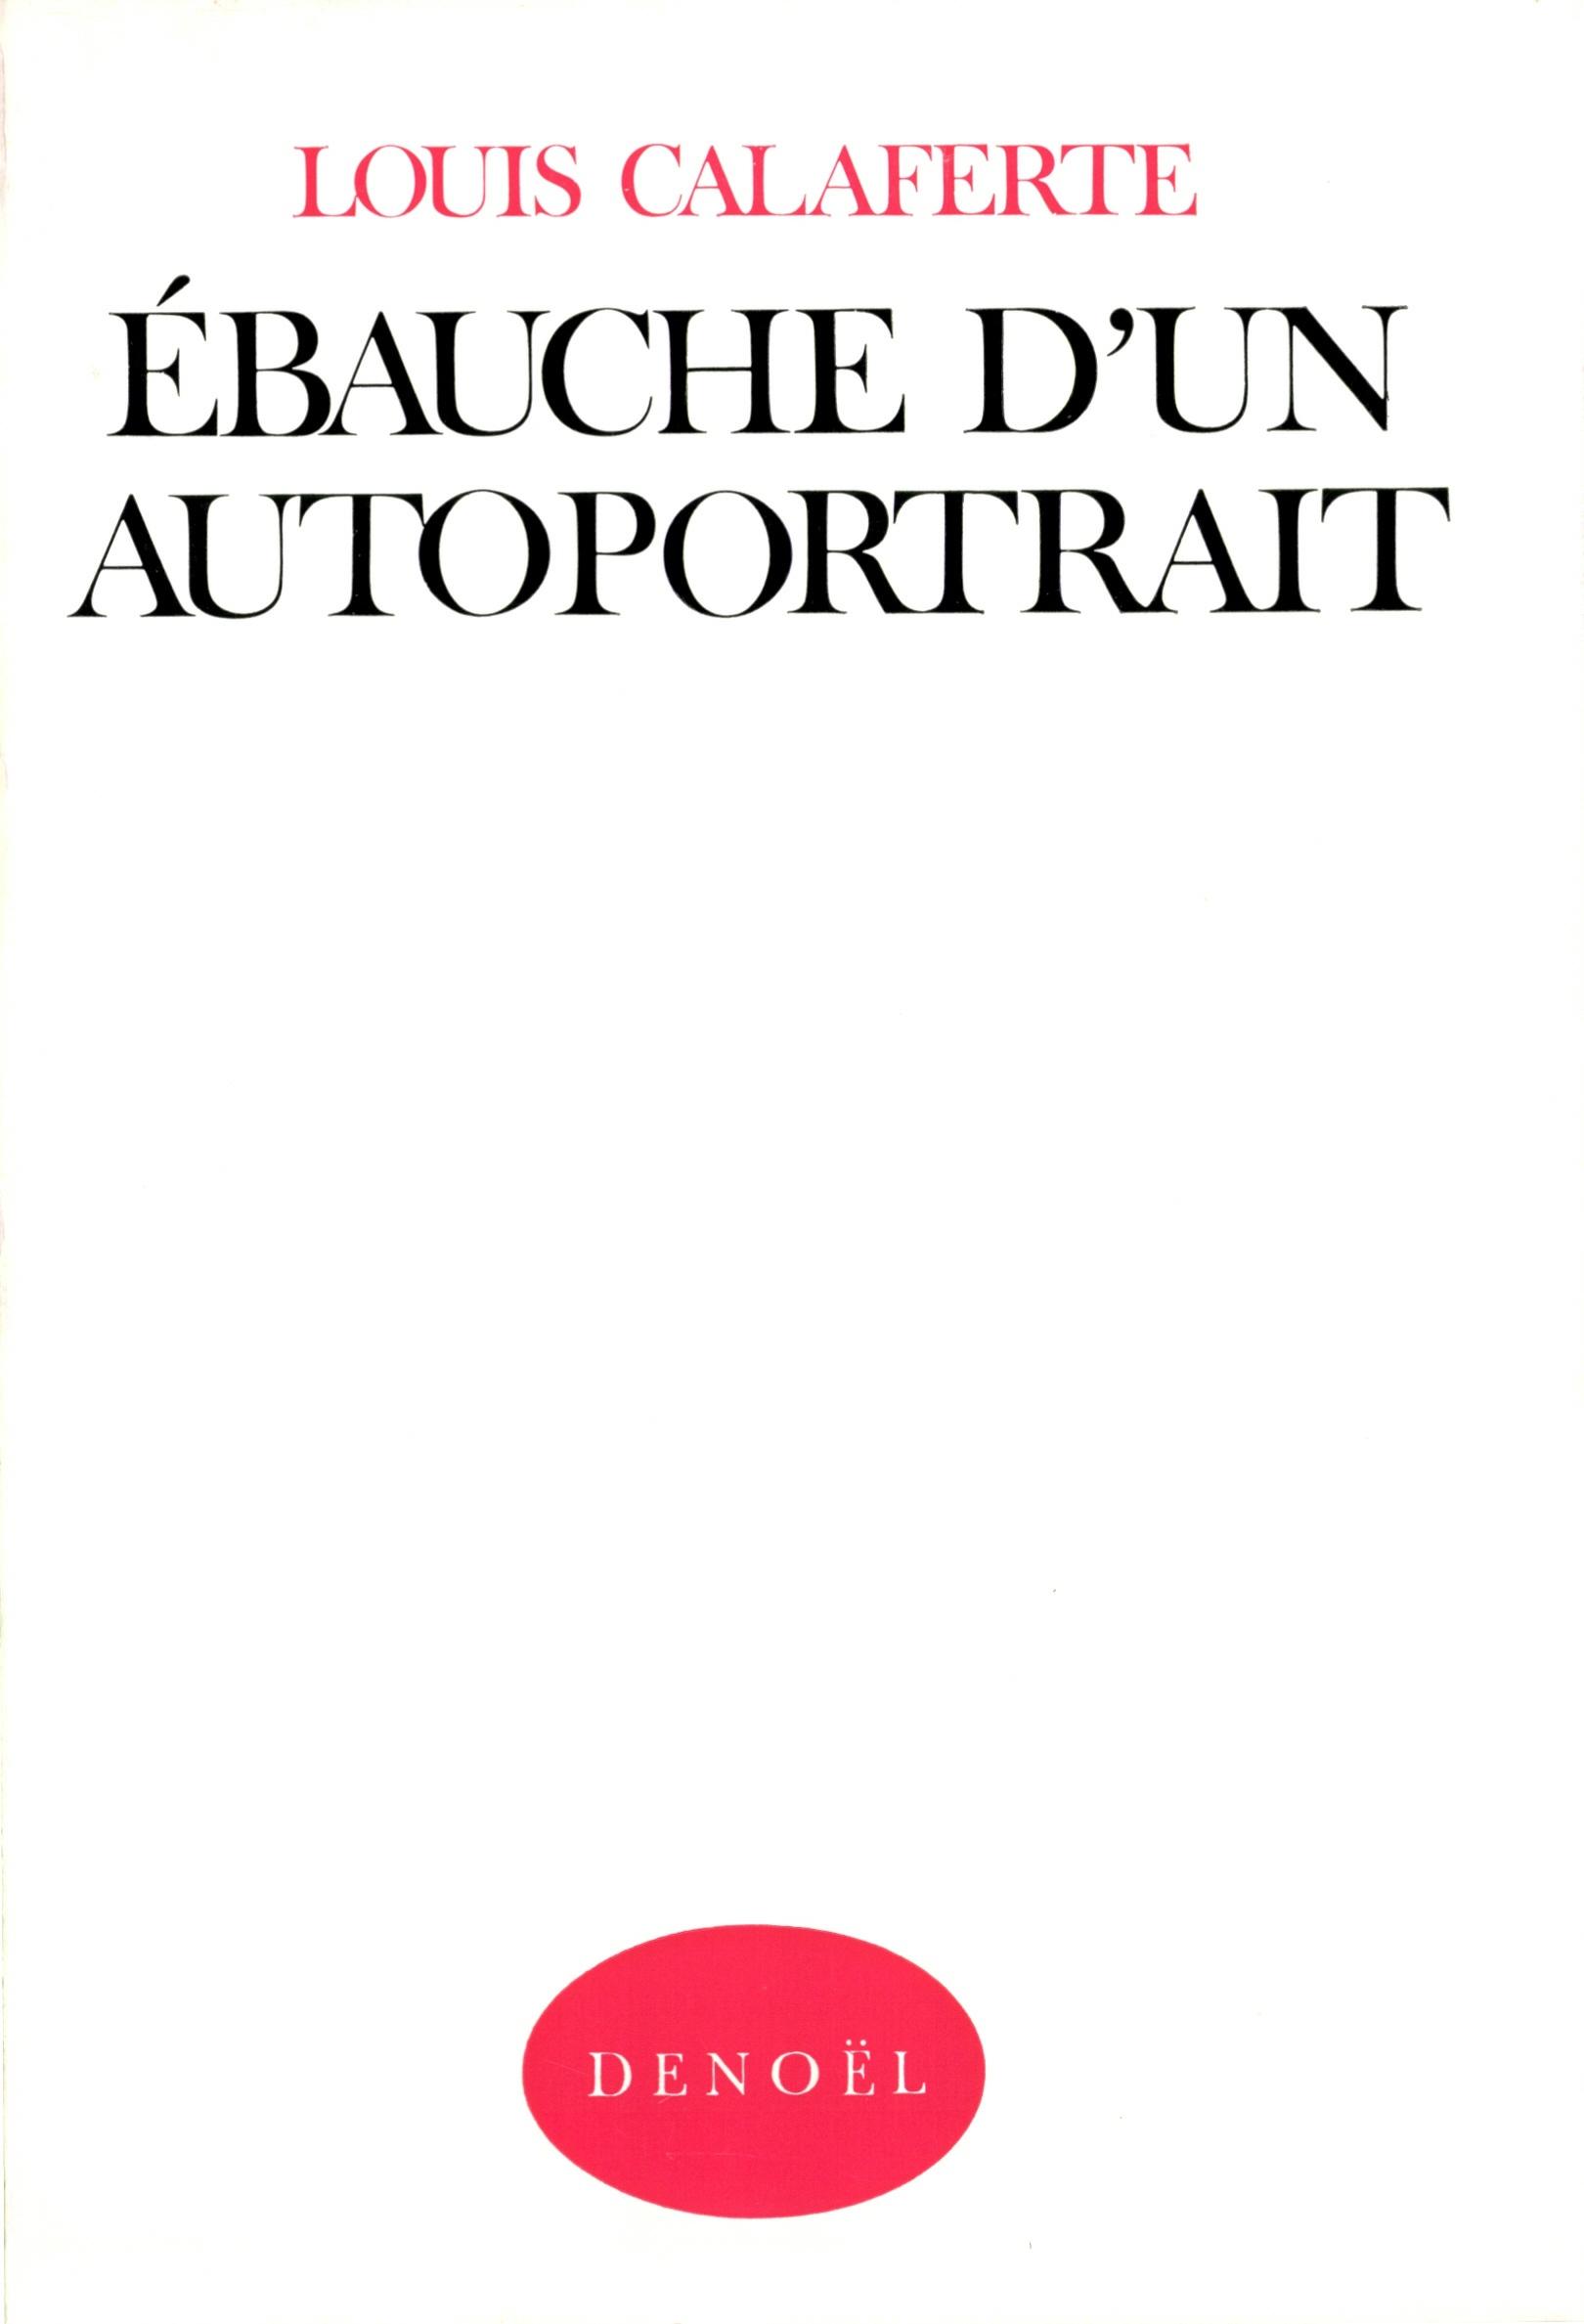 EBAUCHE D'UN AUTOPORTRAIT